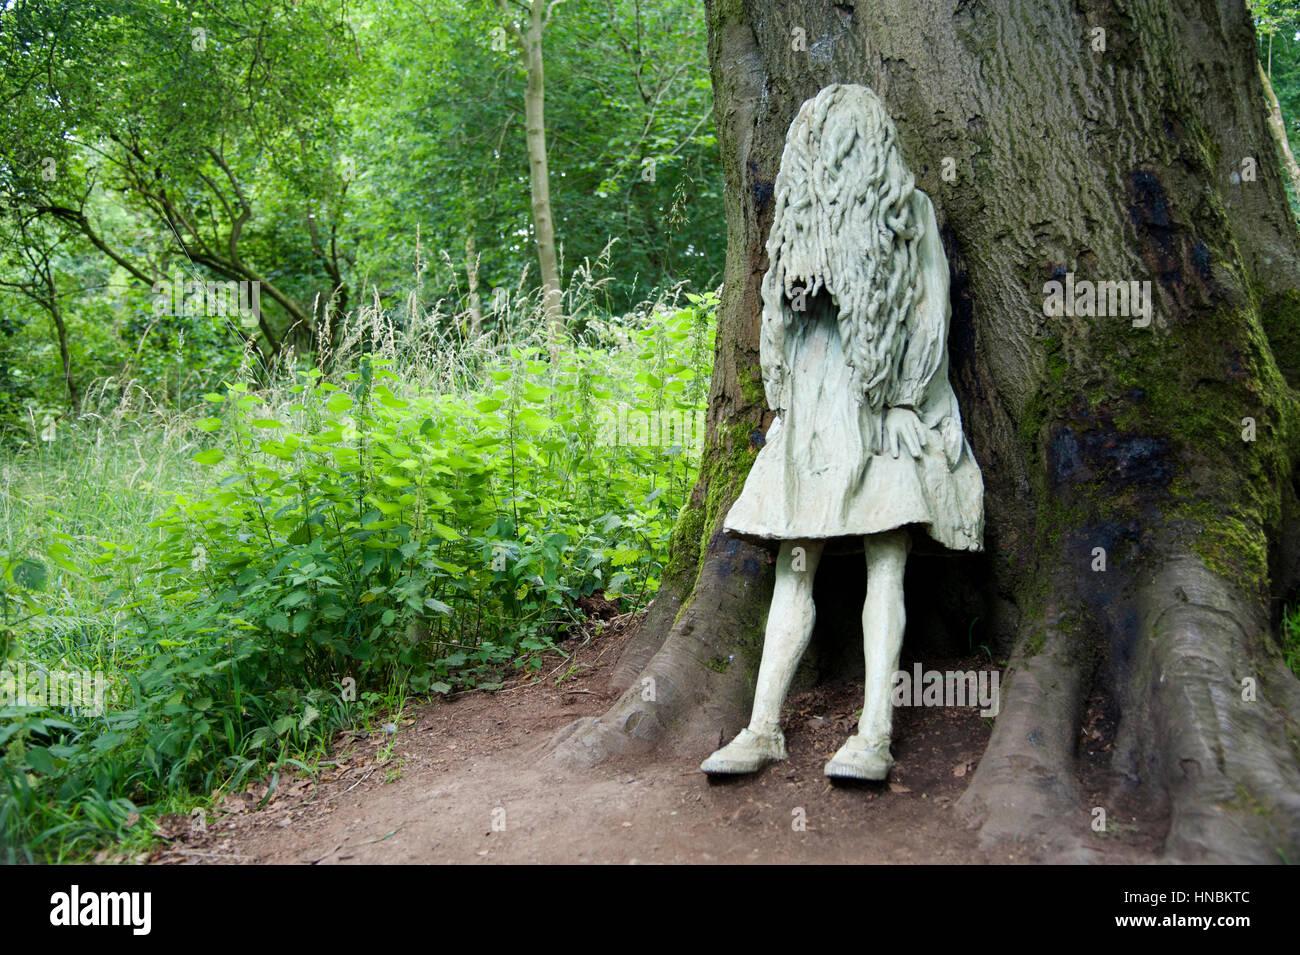 Piange ragazza statua a Giove Artland, Edimburgo. Immagini Stock